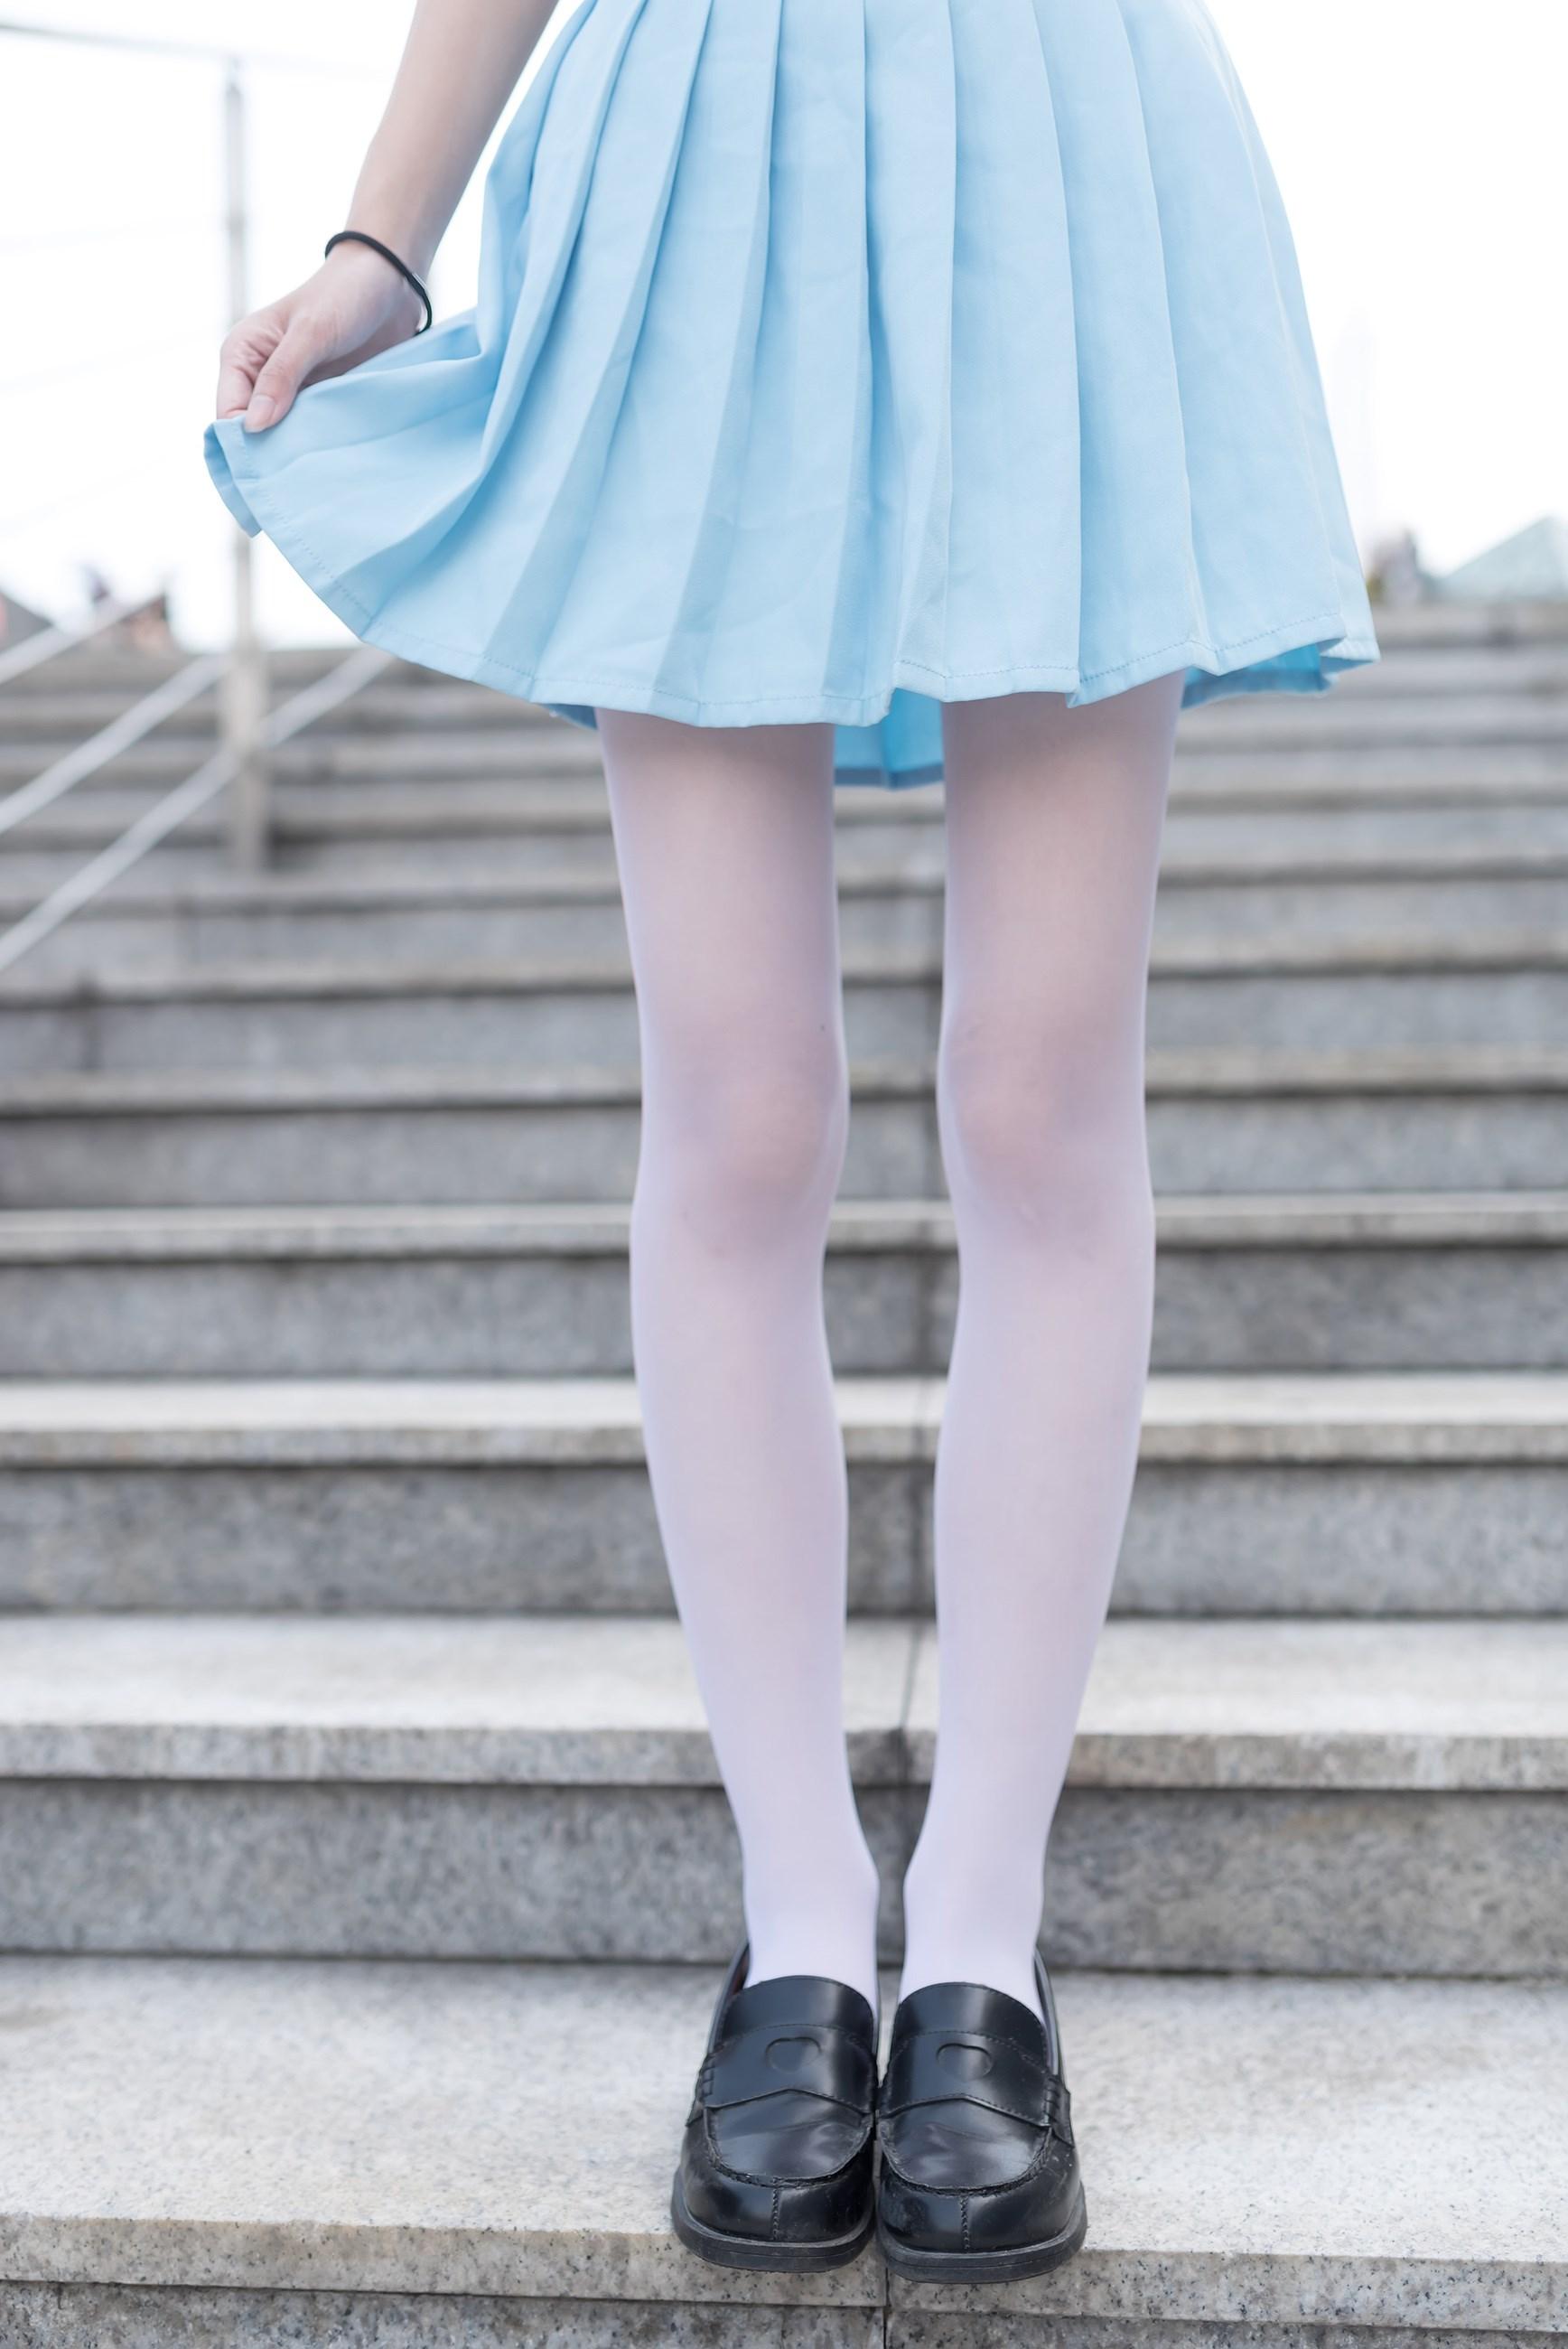 【兔玩映画】惊人的小细腿 兔玩映画 第48张